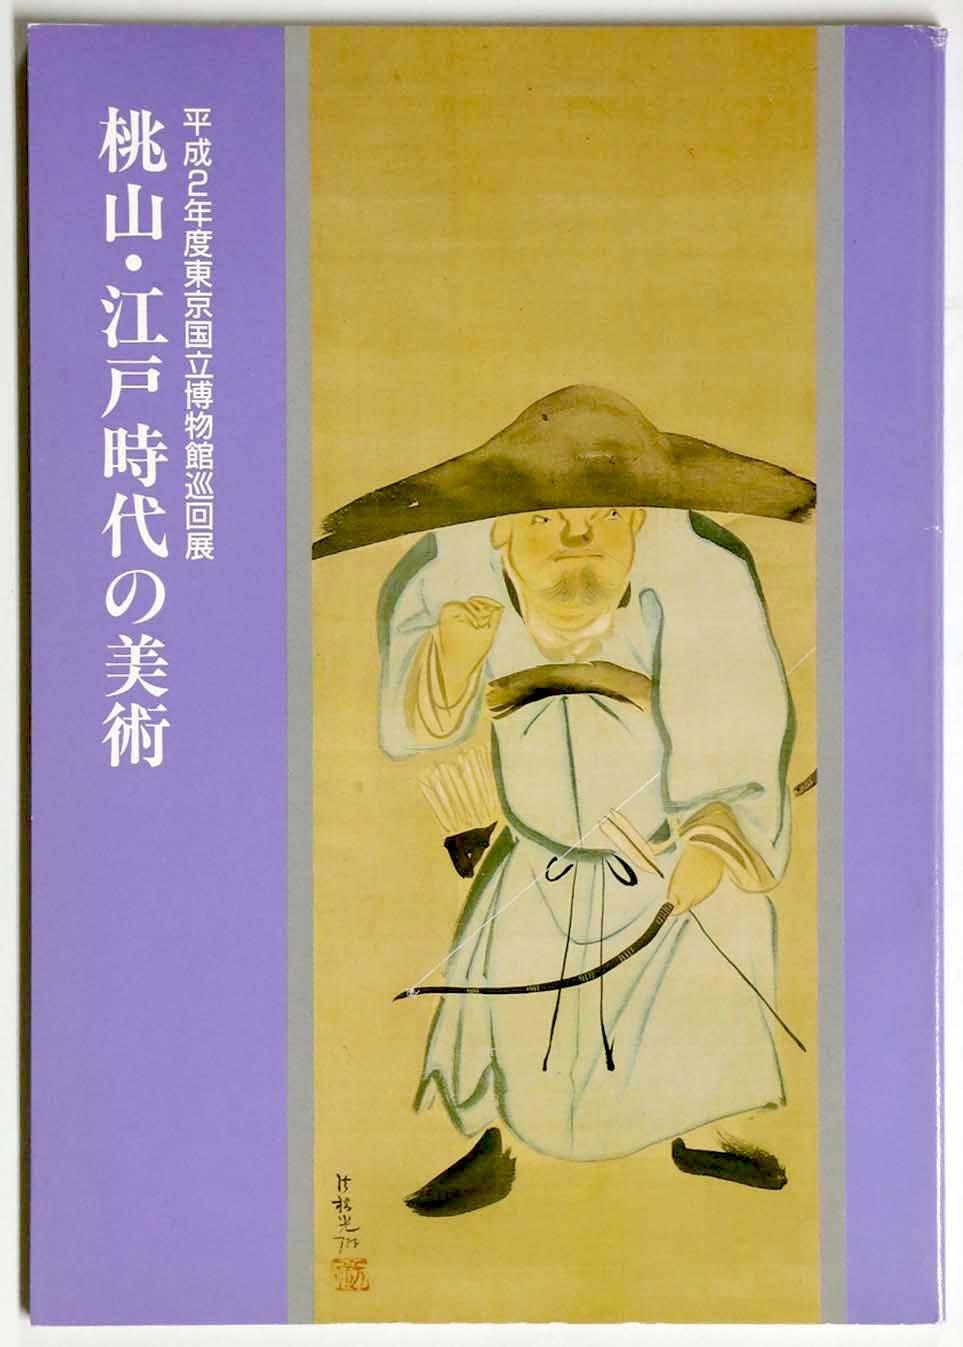 平成2年度東京国立博物館巡回展 桃山・江戸時代の美術